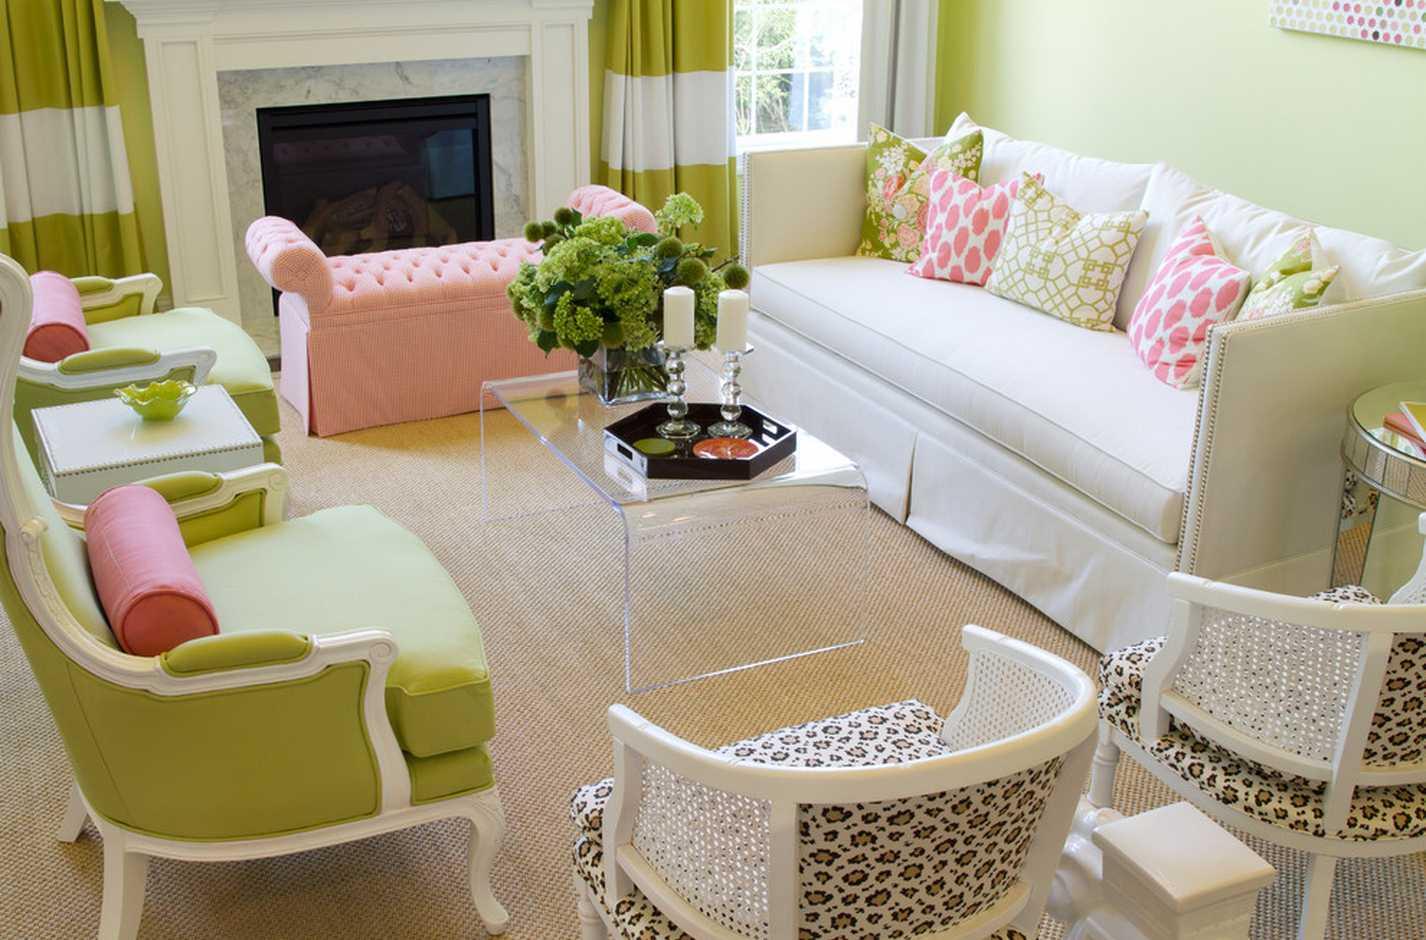 gaiši rozā kombinācija dzīvokļa dekorā ar citām krāsām